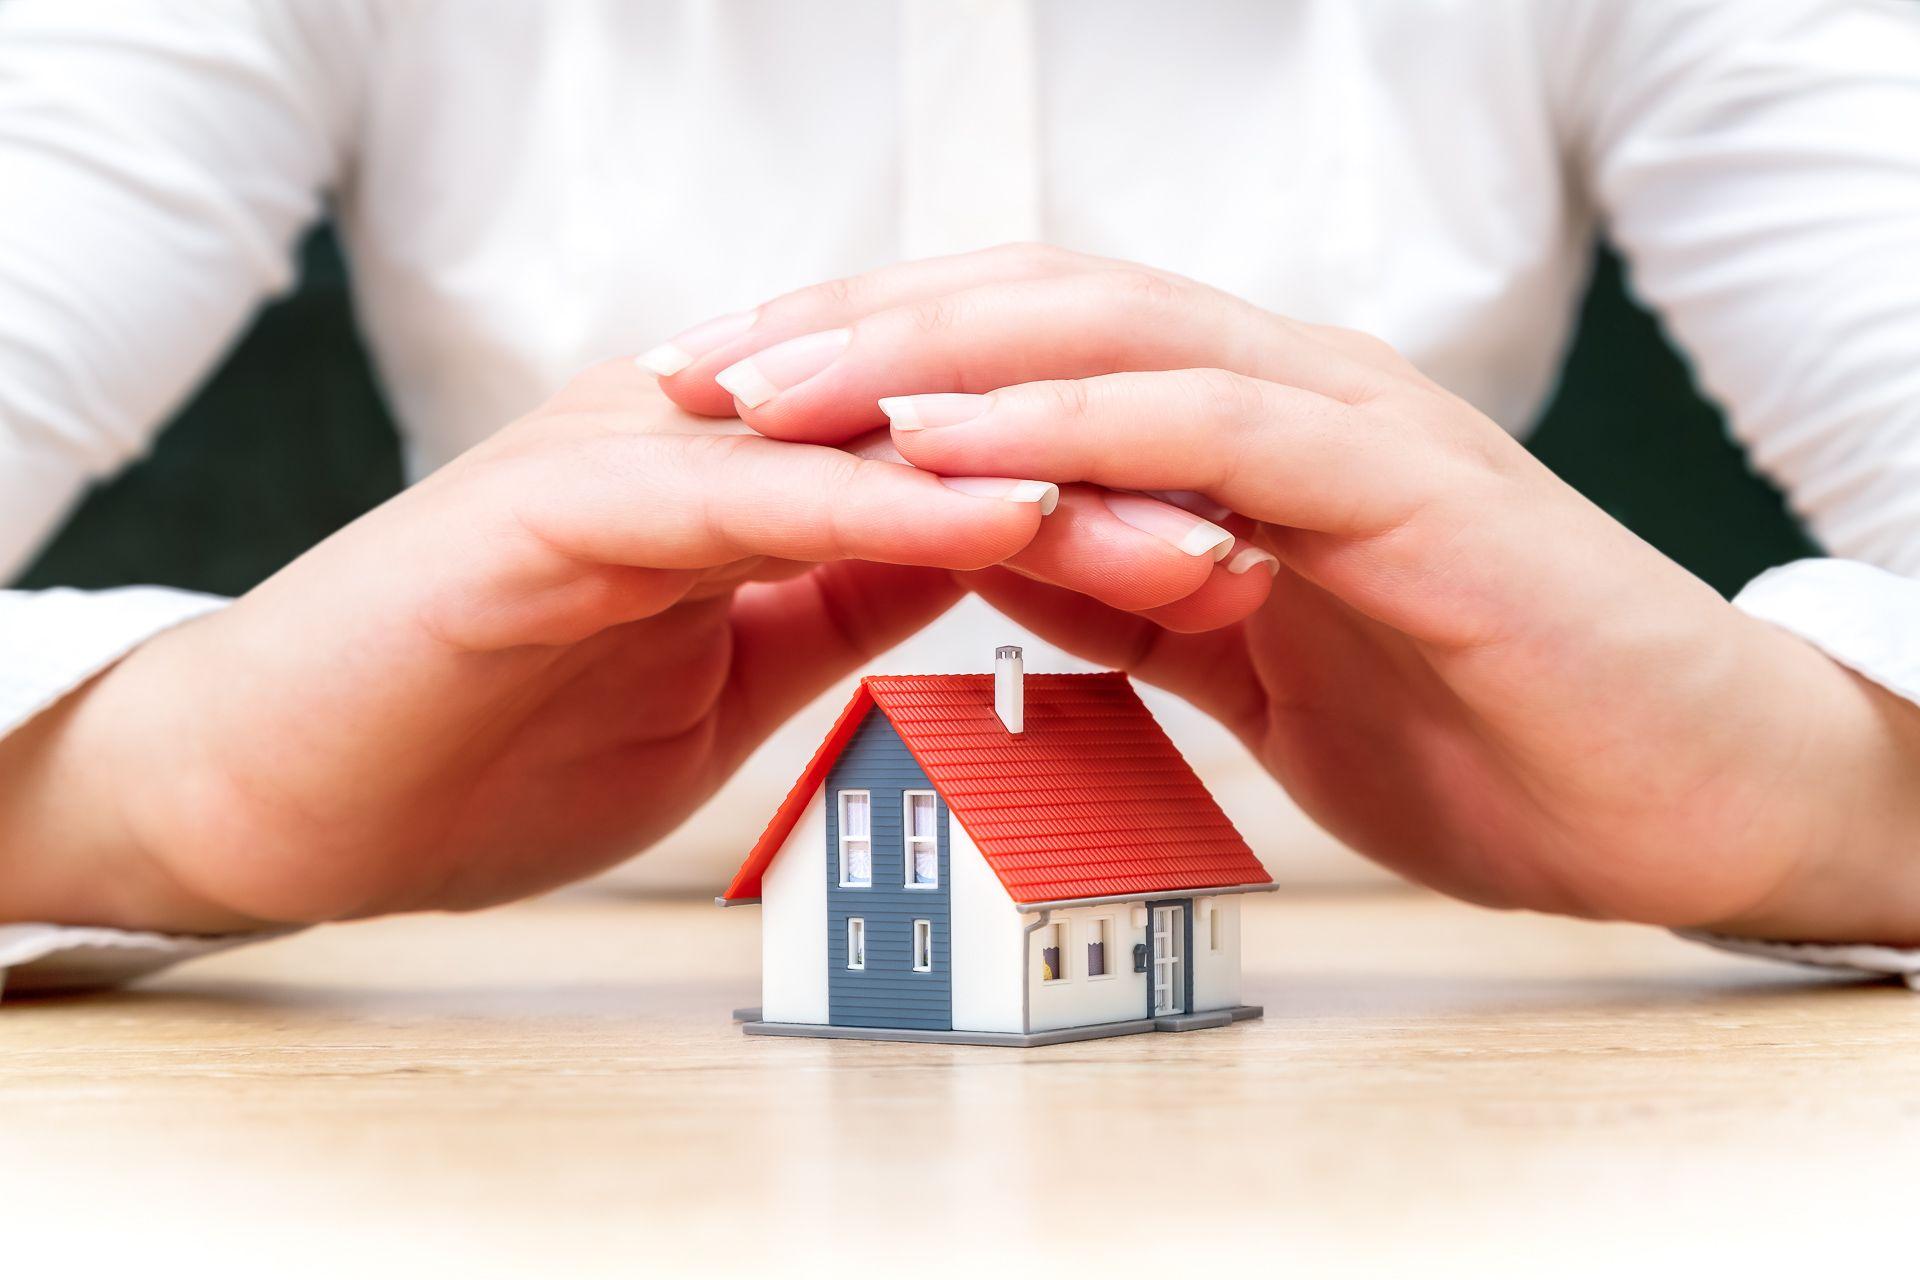 property insurance, страхование недвижимости